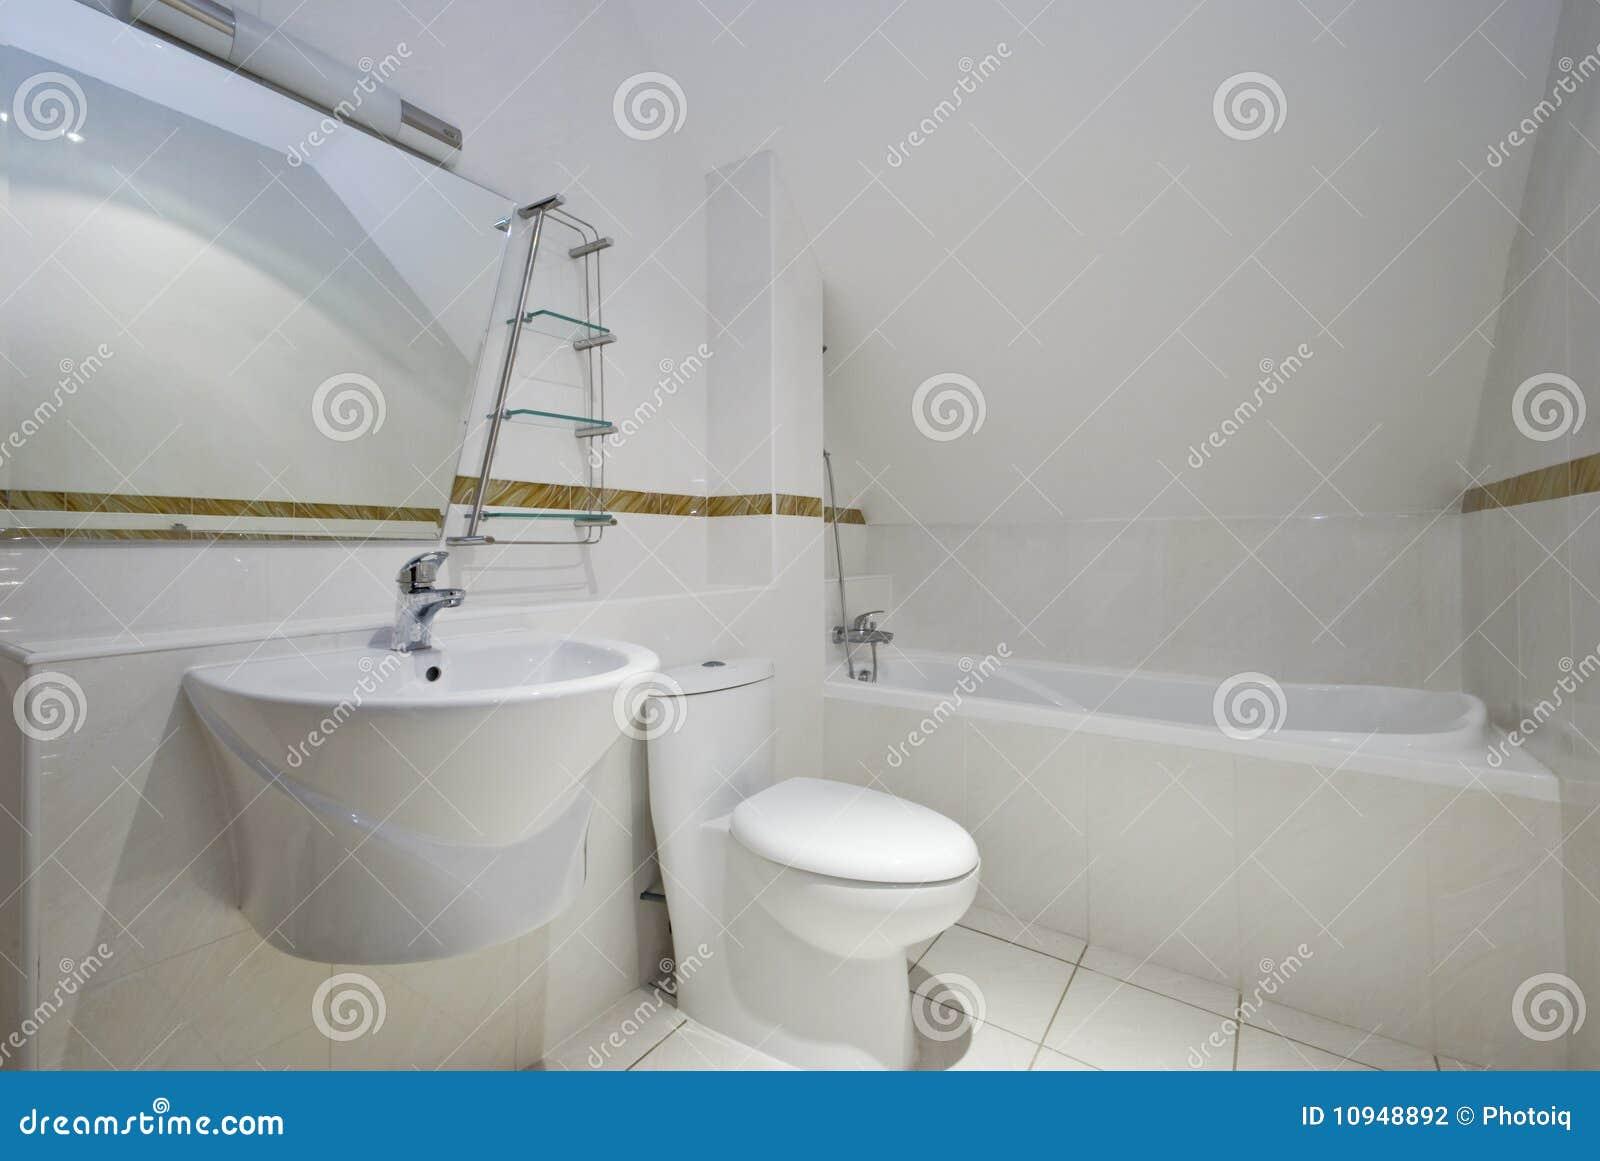 Loft o banheiro com toalete e o dissipador angulares da cuba de banho  #82A229 1300 960